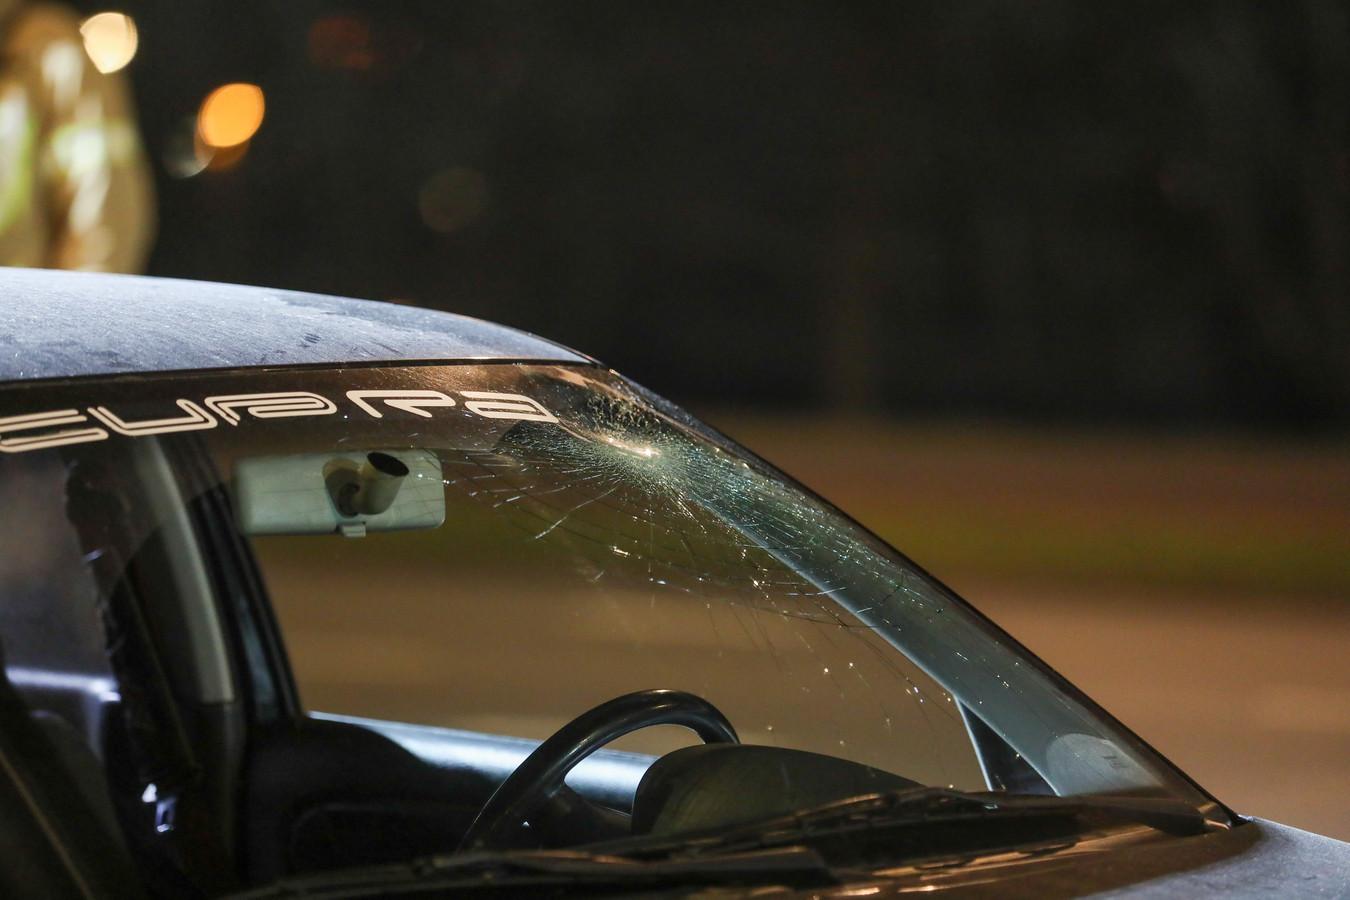 De voorruit van de auto raakte flink beschadigd.